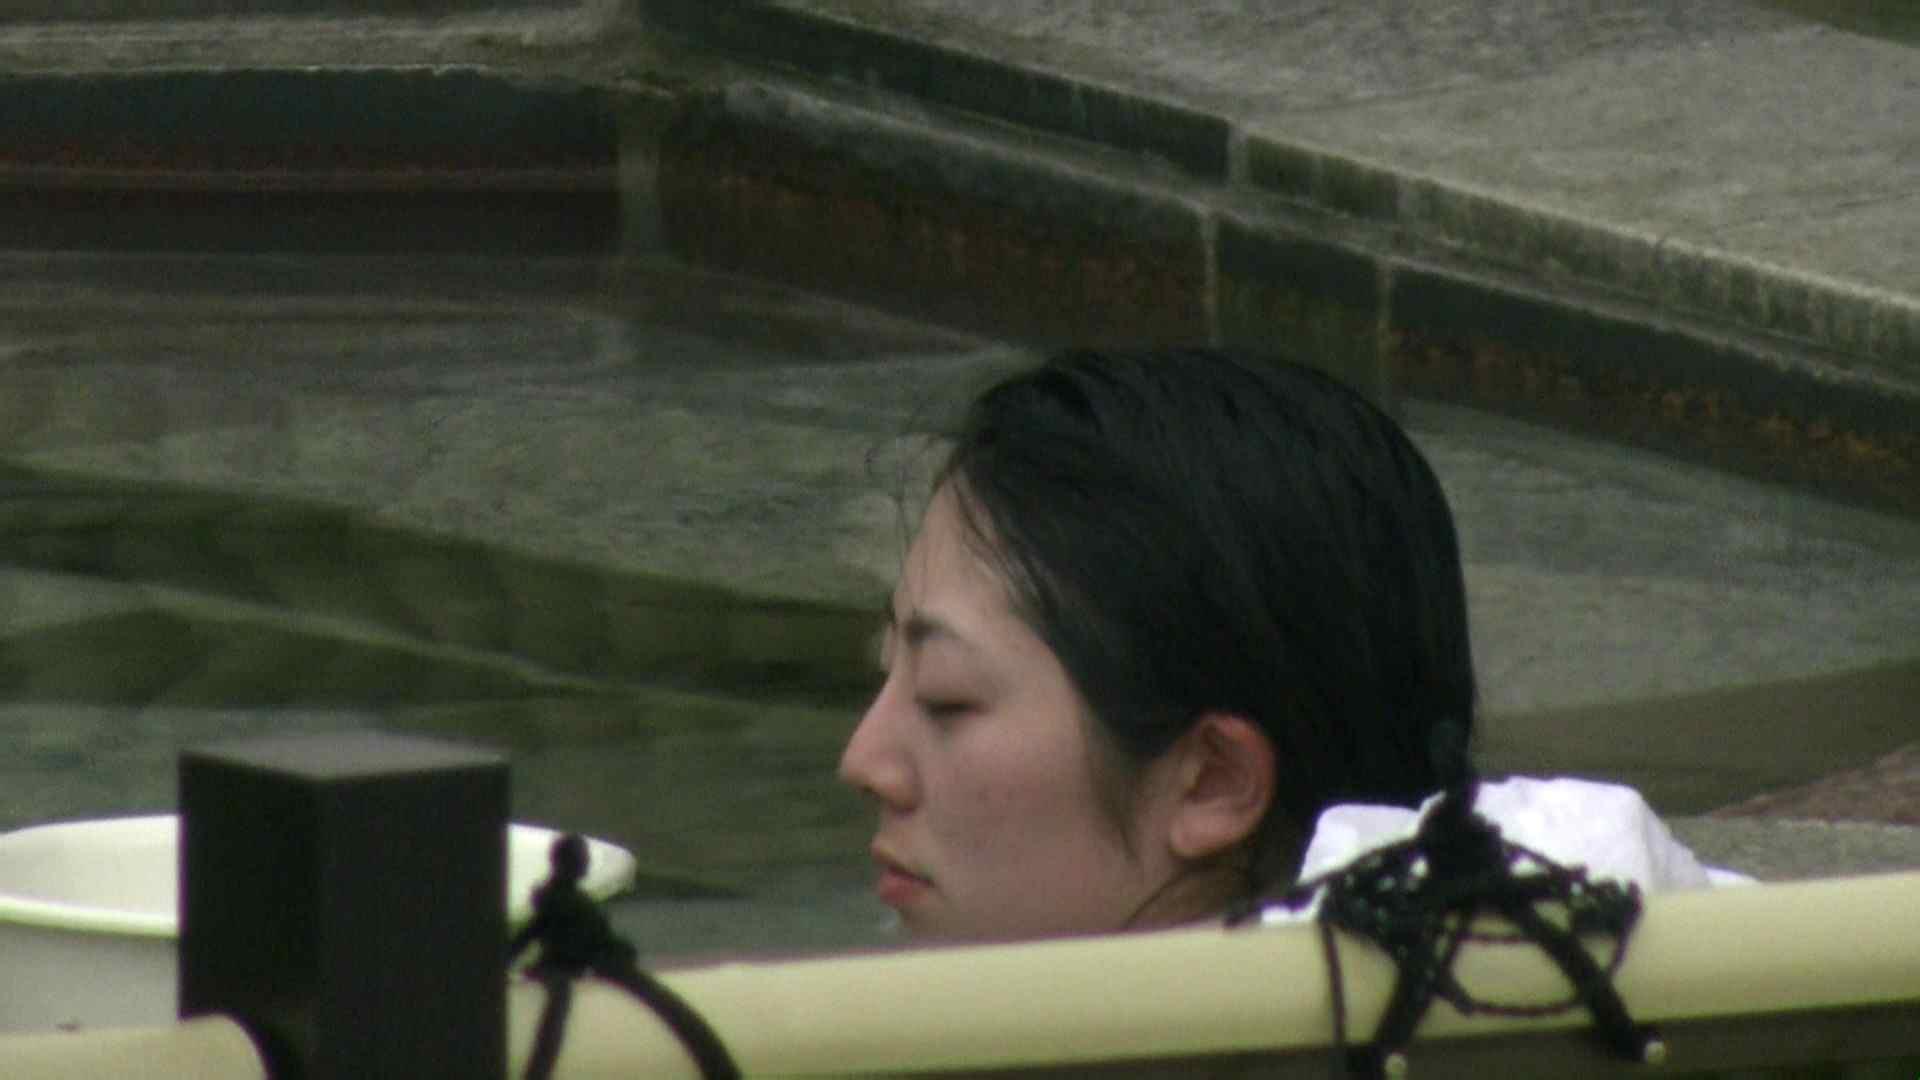 Aquaな露天風呂Vol.04 露天  10pic 3